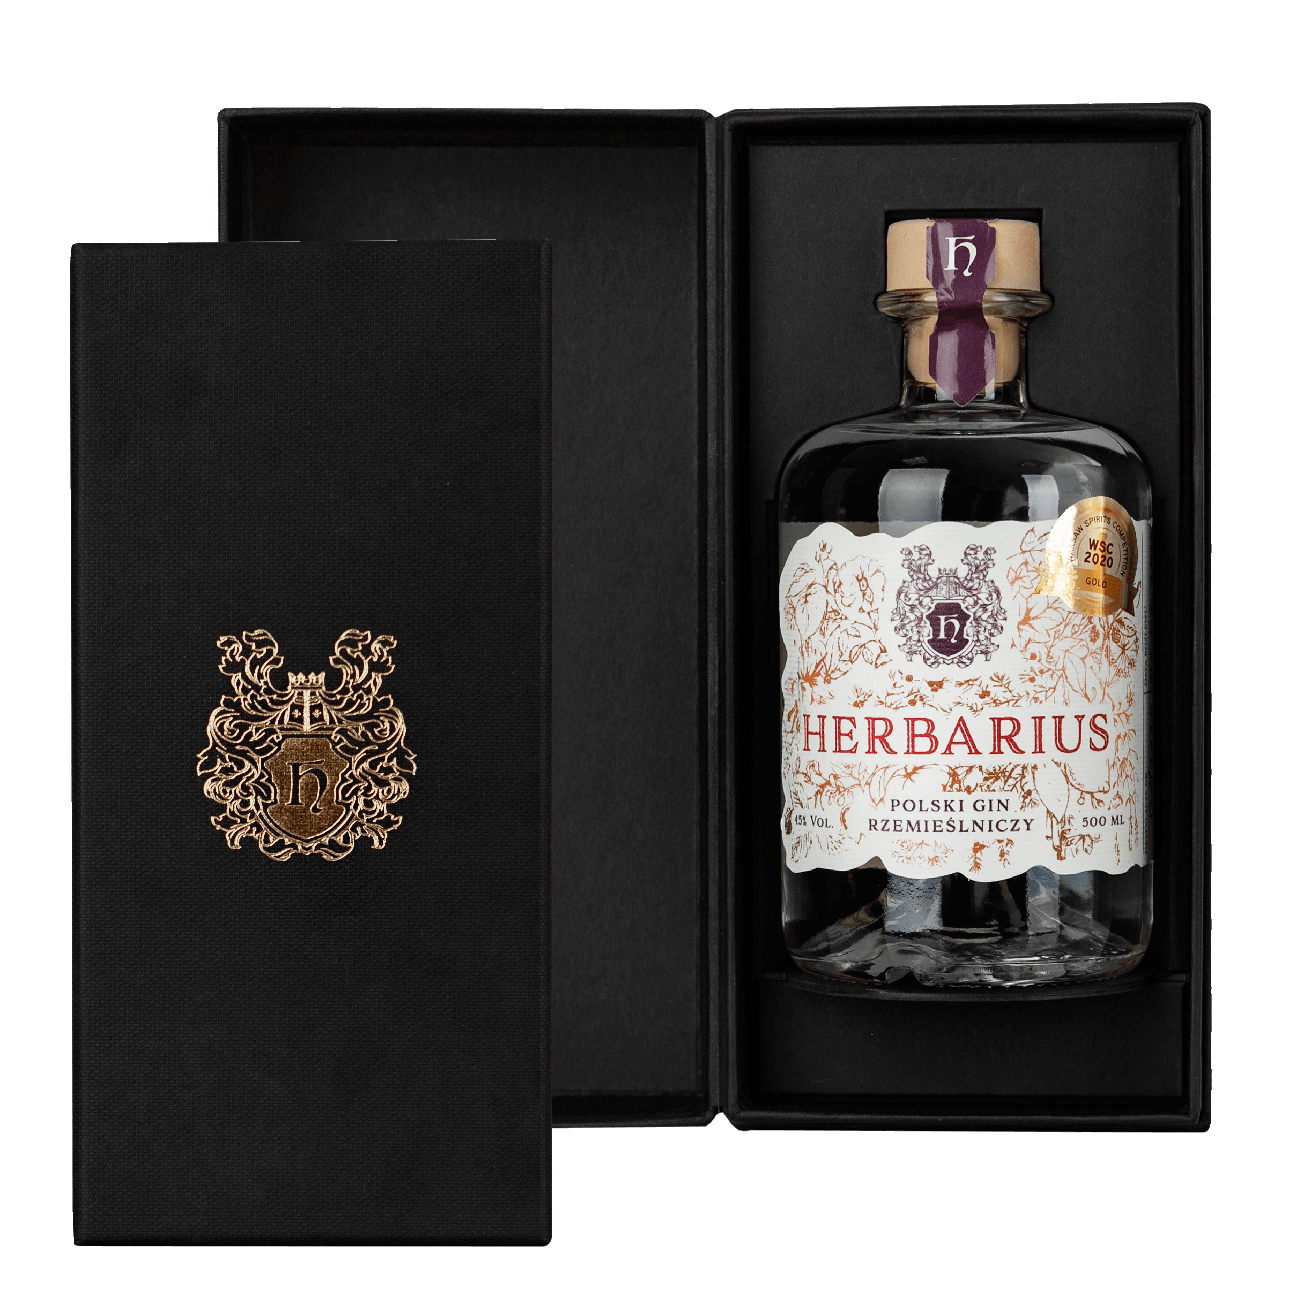 herbarius-pudelko-gin-rzemieslniczy